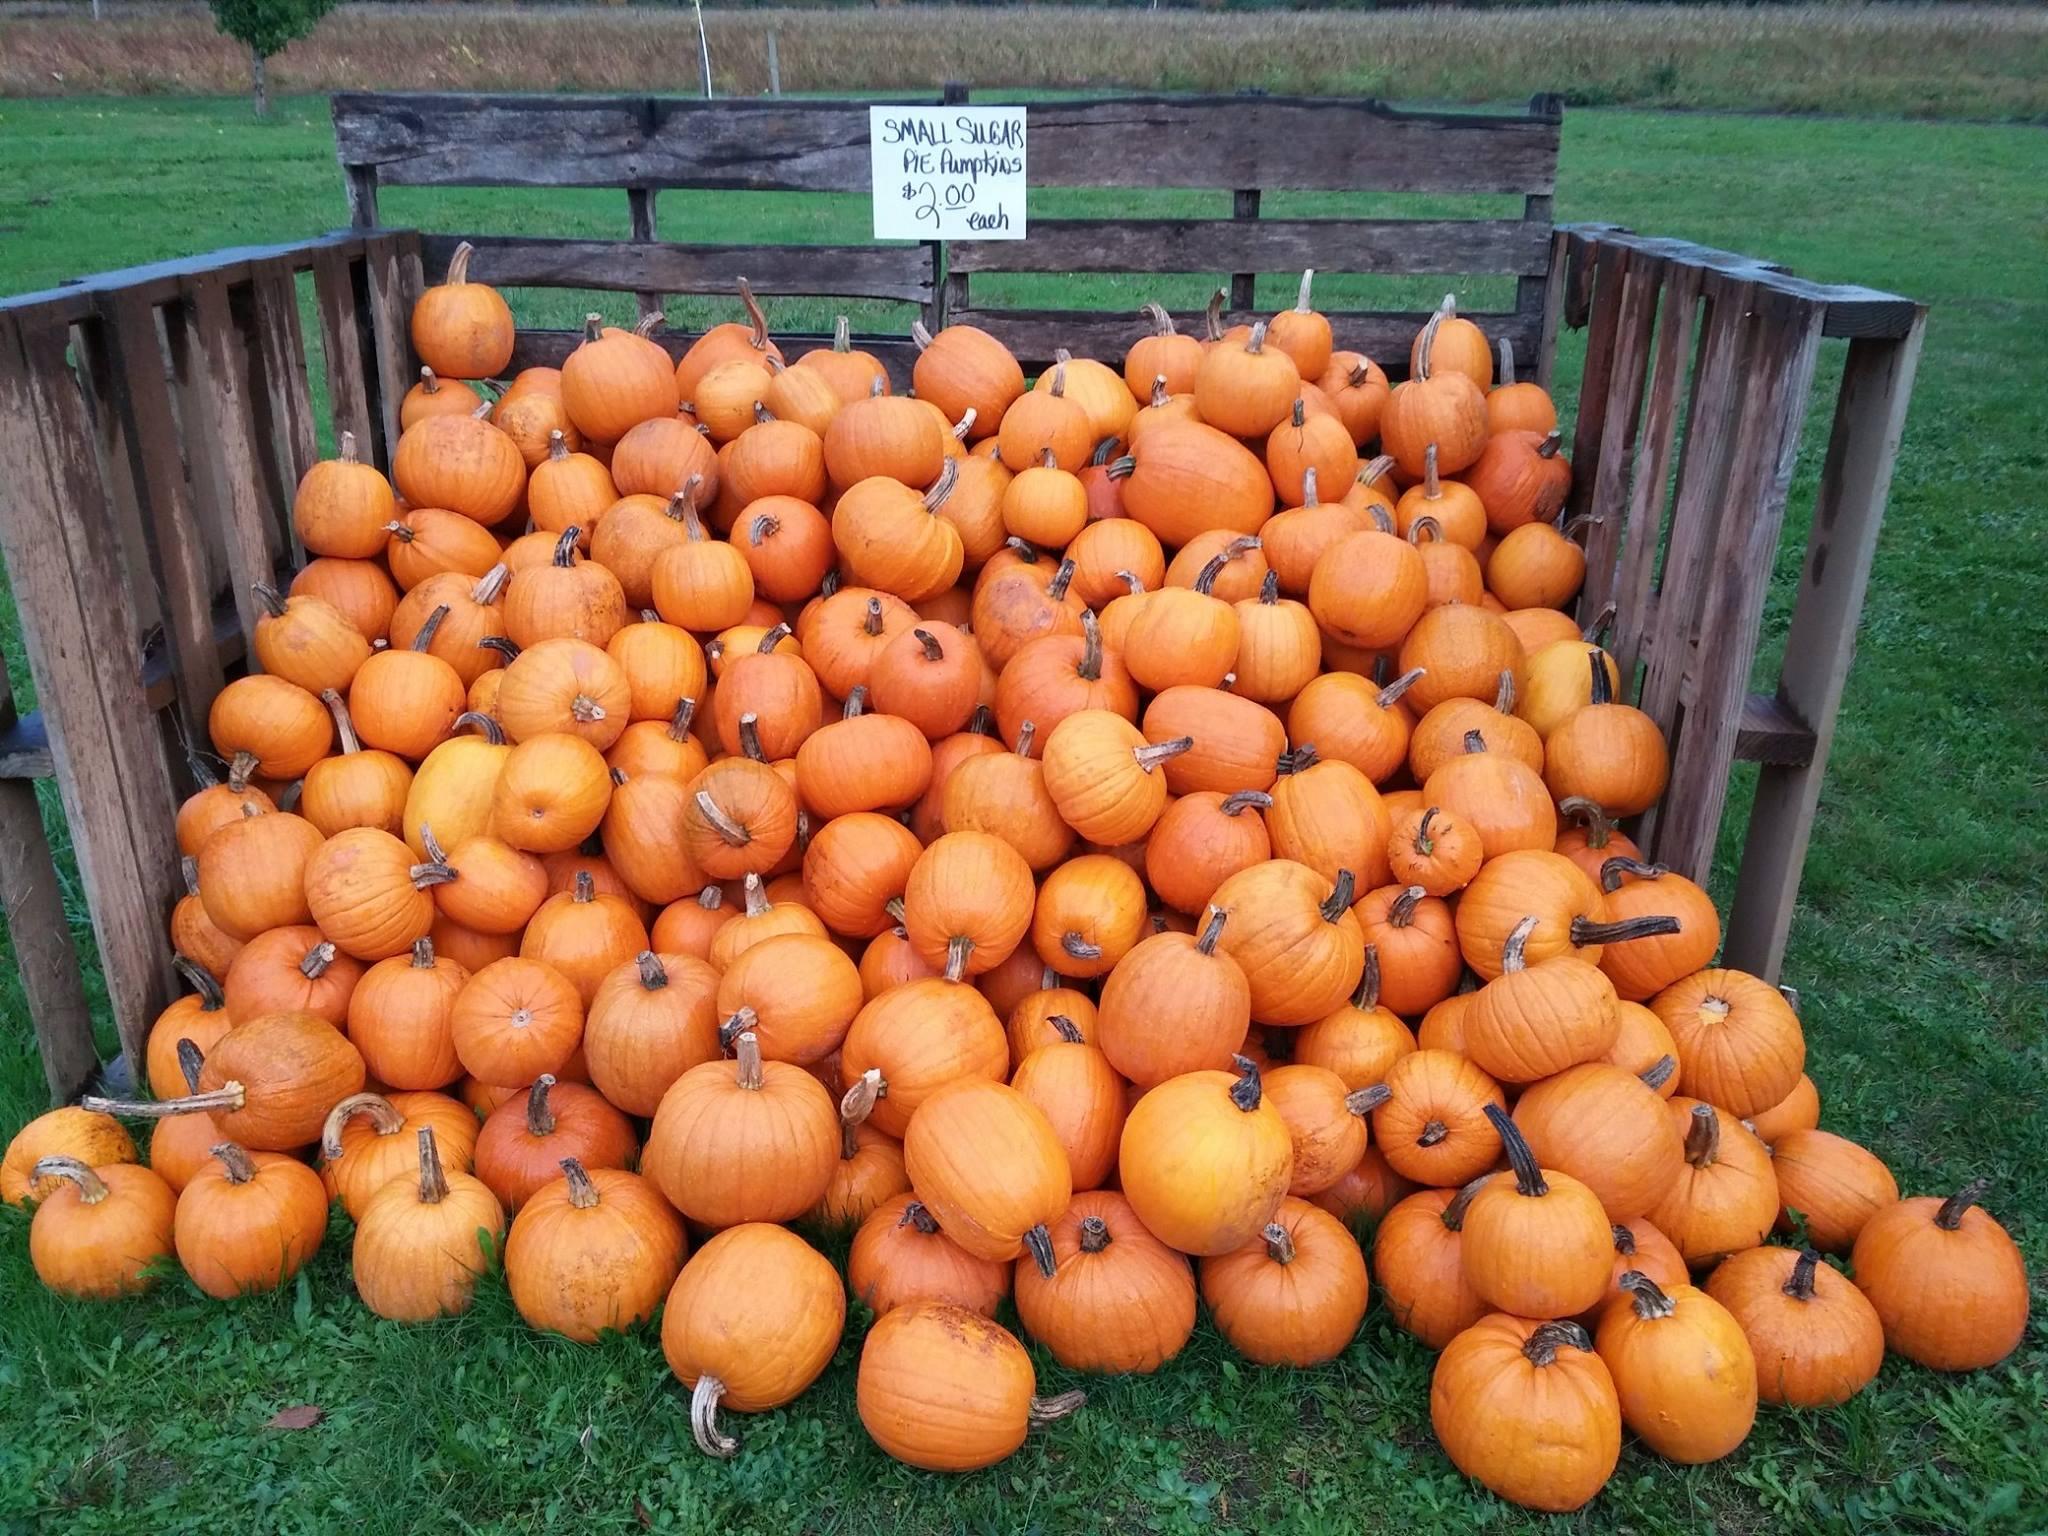 Pumpkins from Pruitt's Farm.